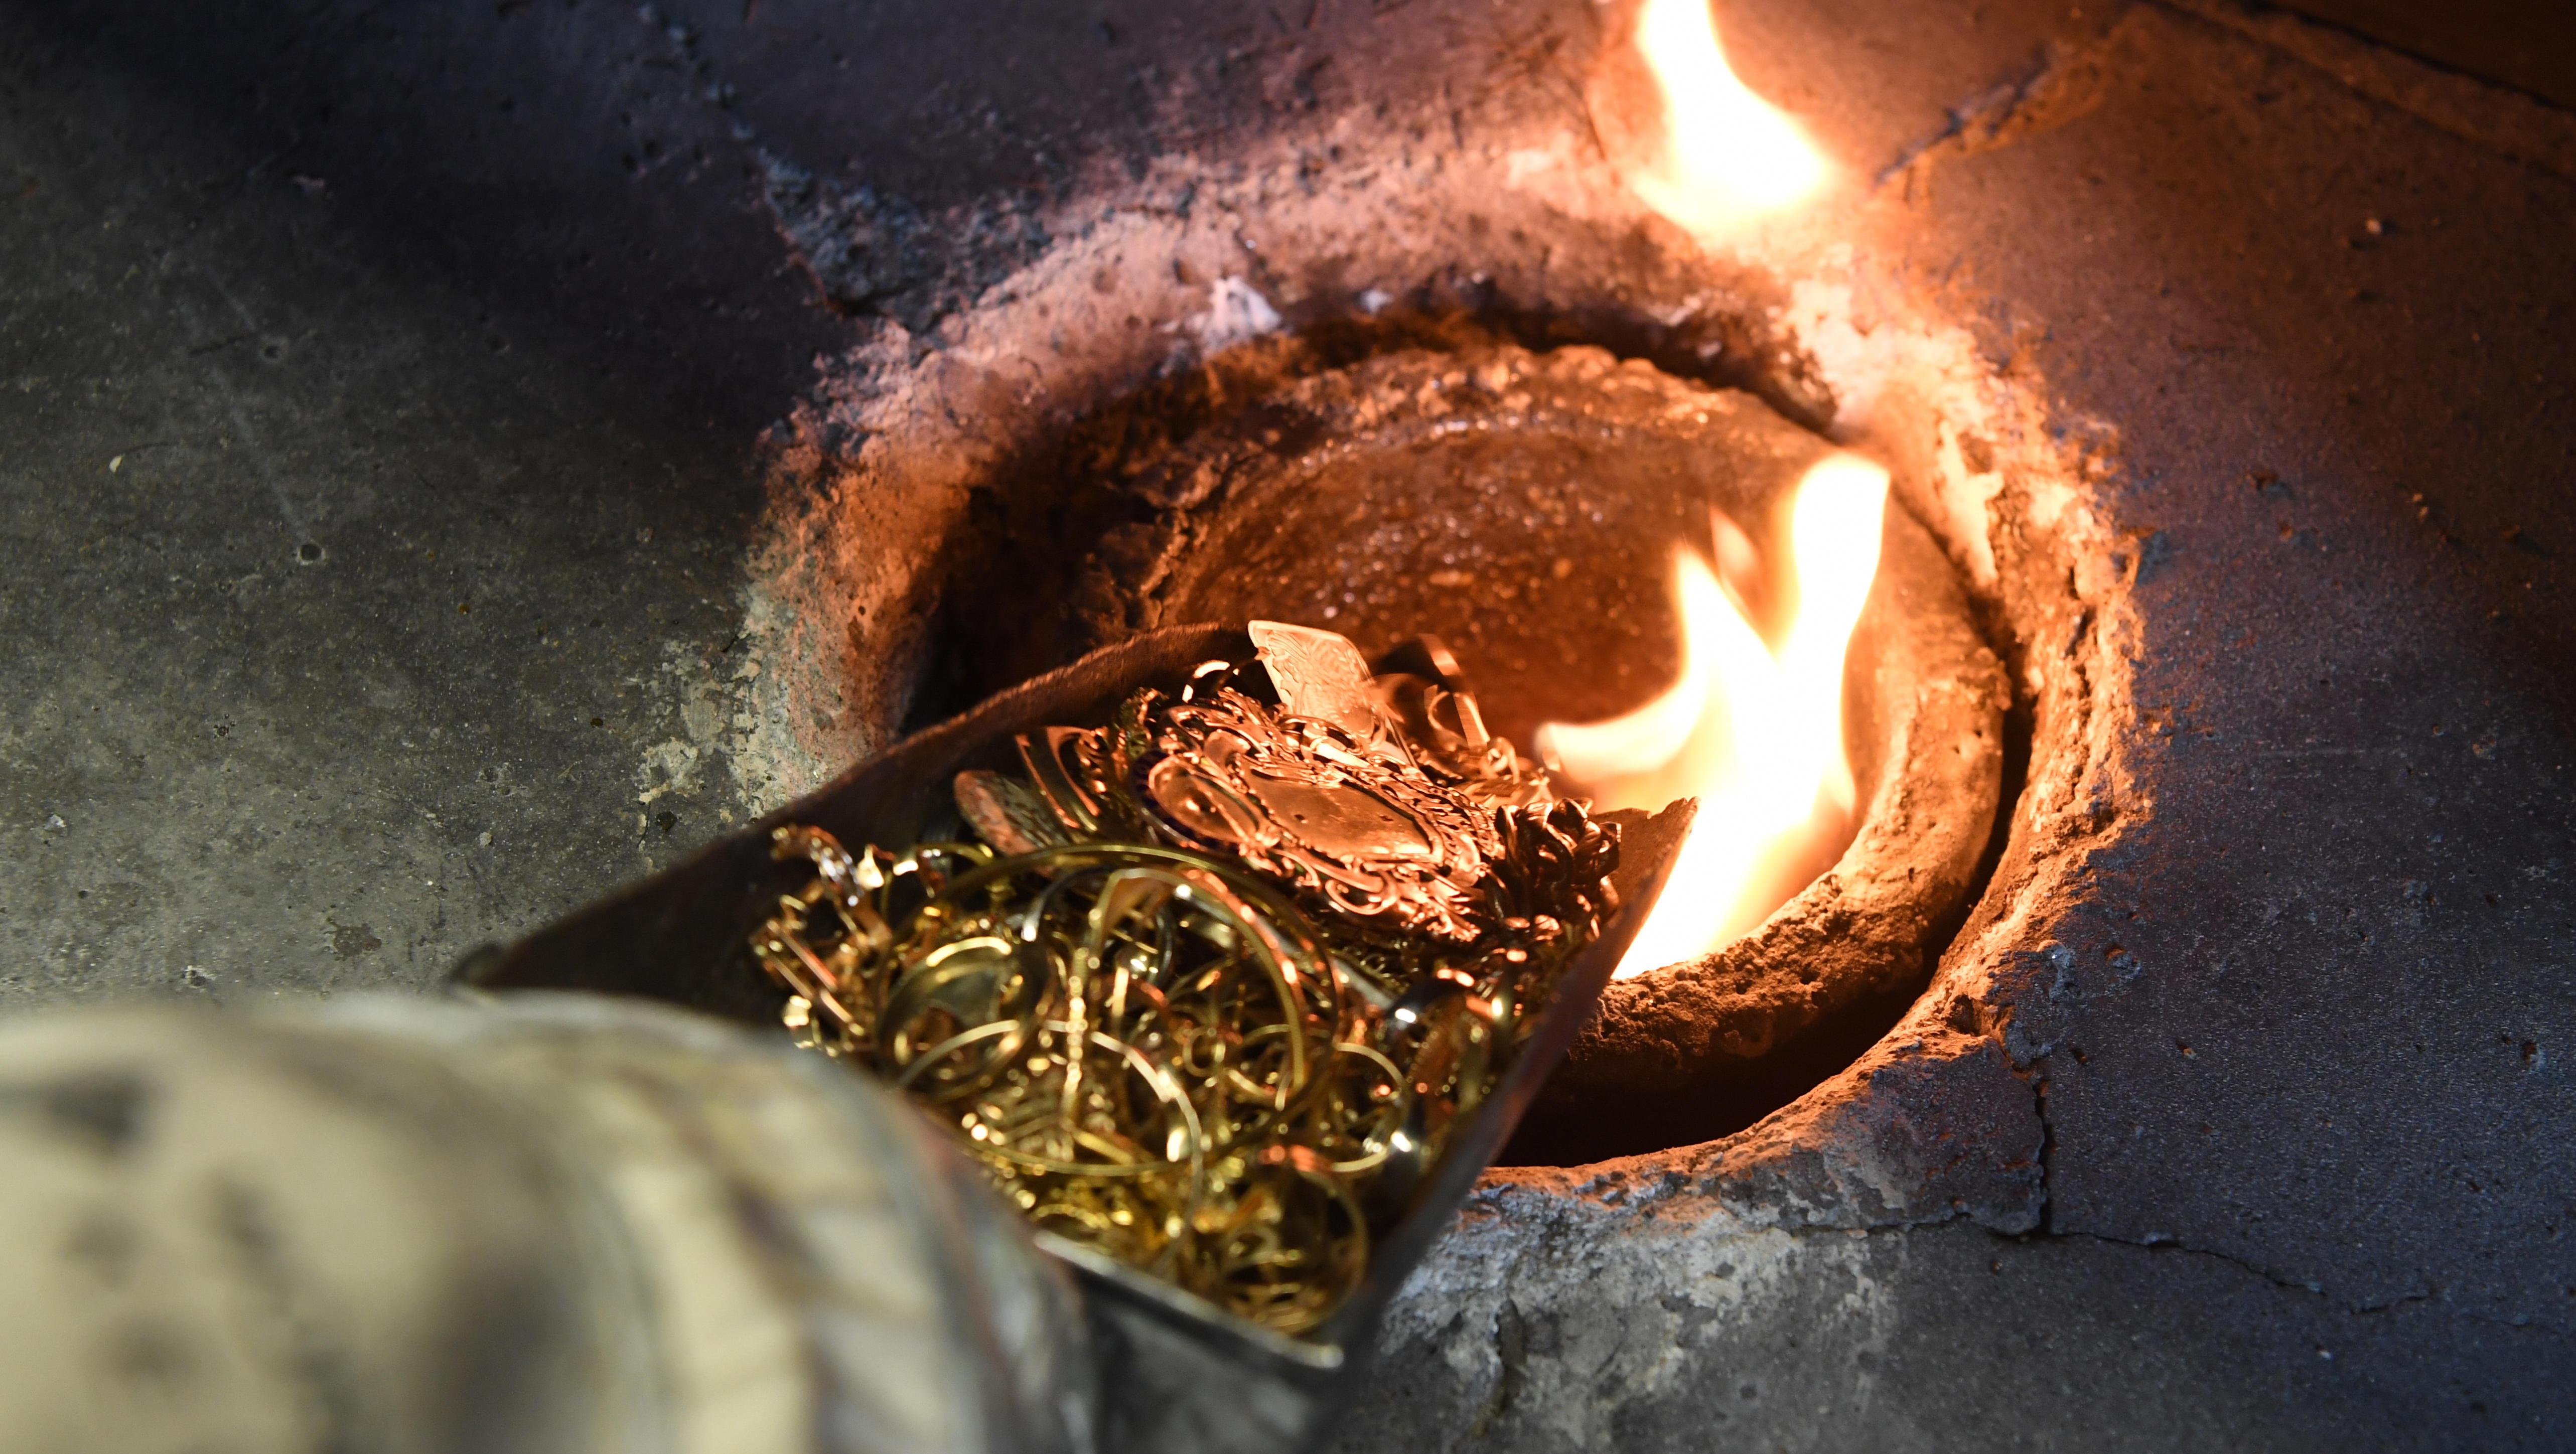 Rekordpreise für Gold treiben das Recycling von Schmuck